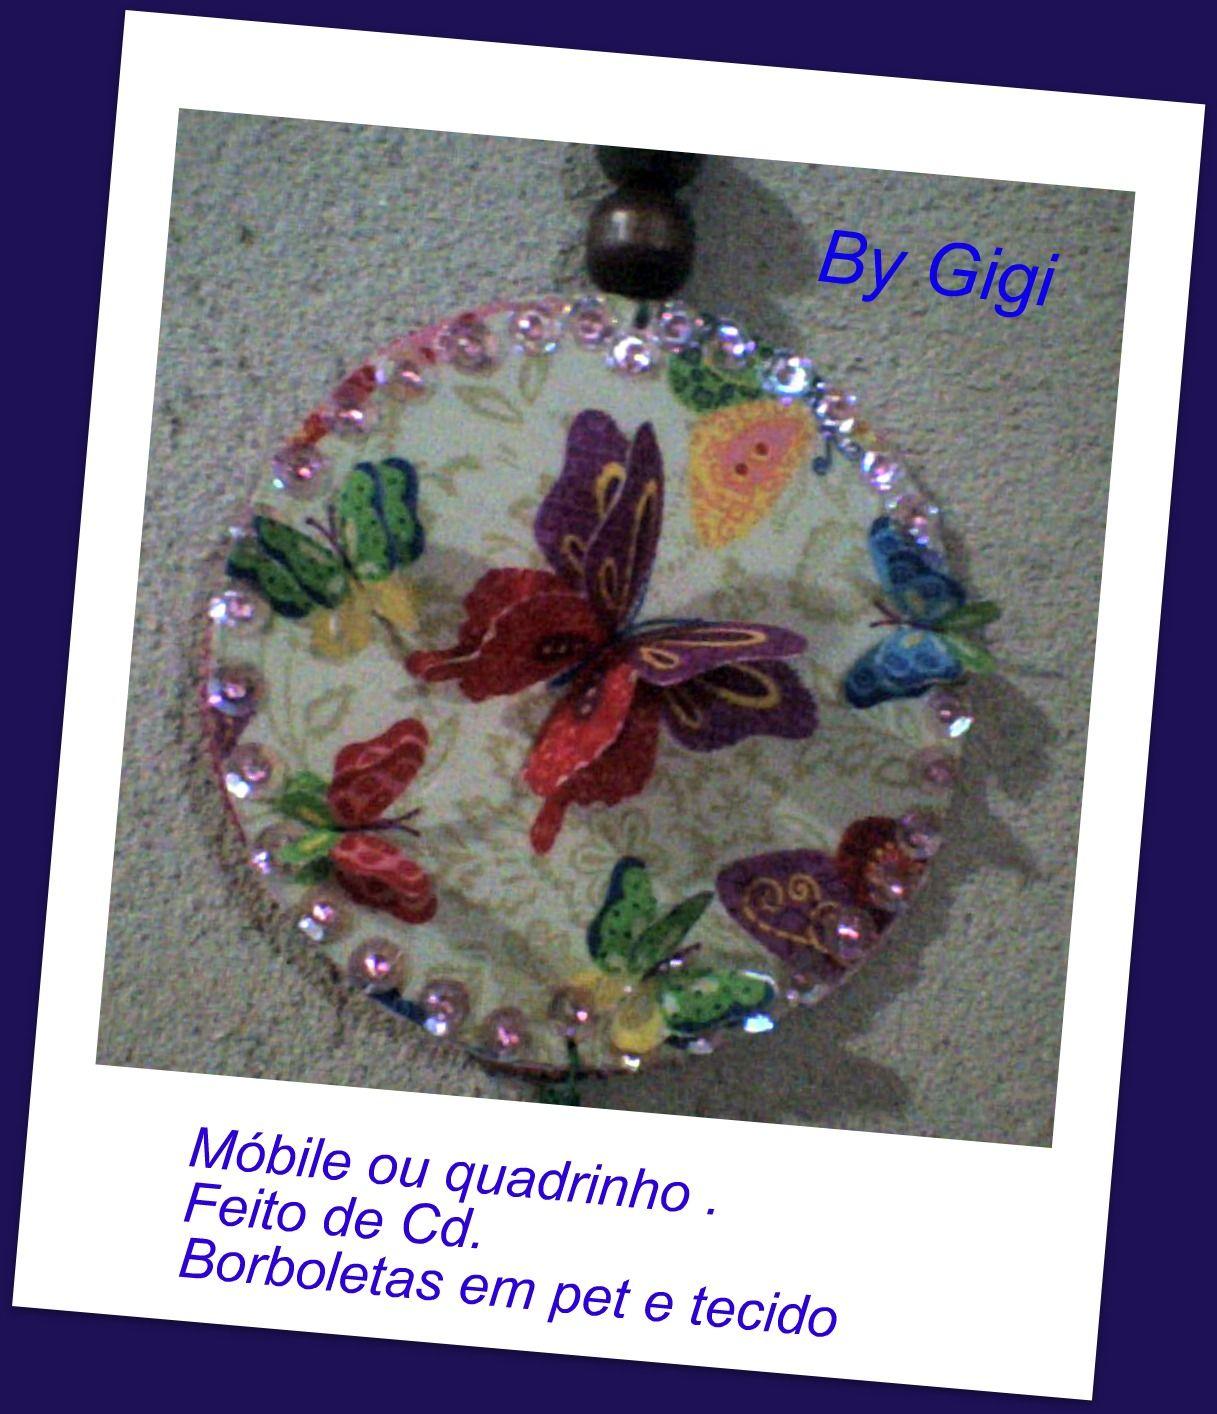 quadrinho de cd revestido de tecido com borboletas de pet e tecido